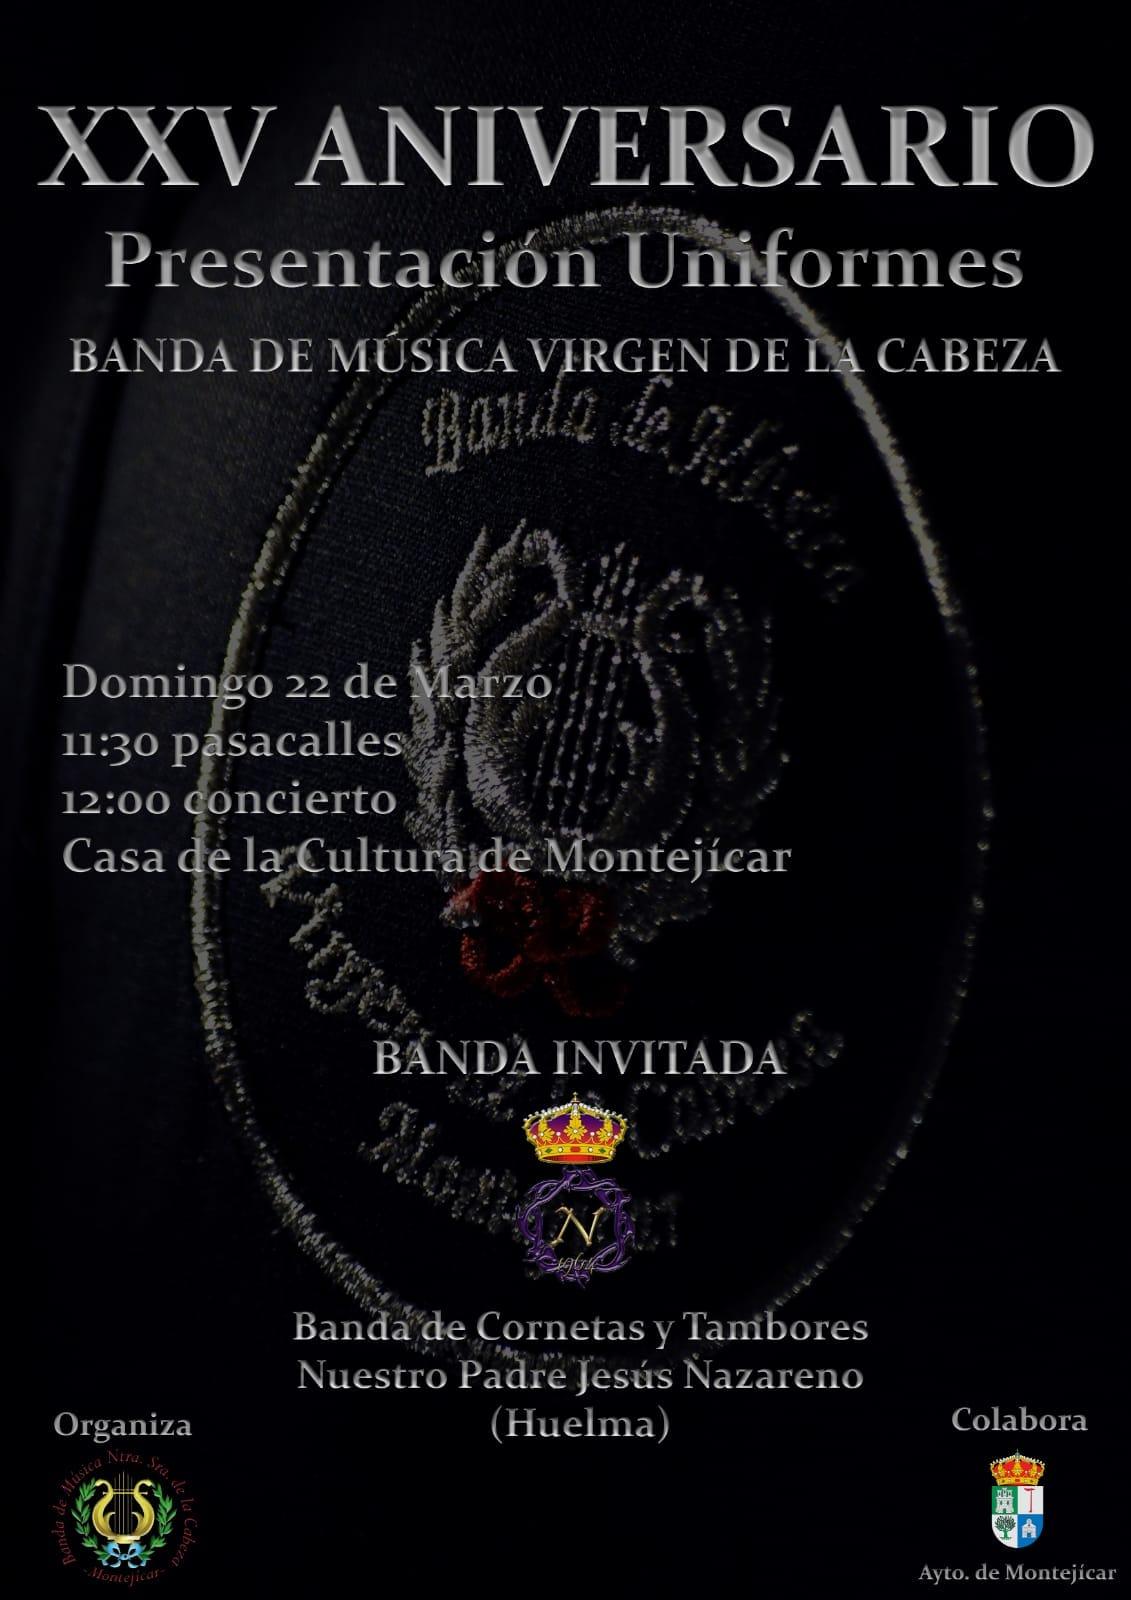 DOMINGO 22 MARZO 2020. XXV ANVERSARIO BANDA MÚSICA VIRGEN DE LA CABEZA DE MONTEJICAR